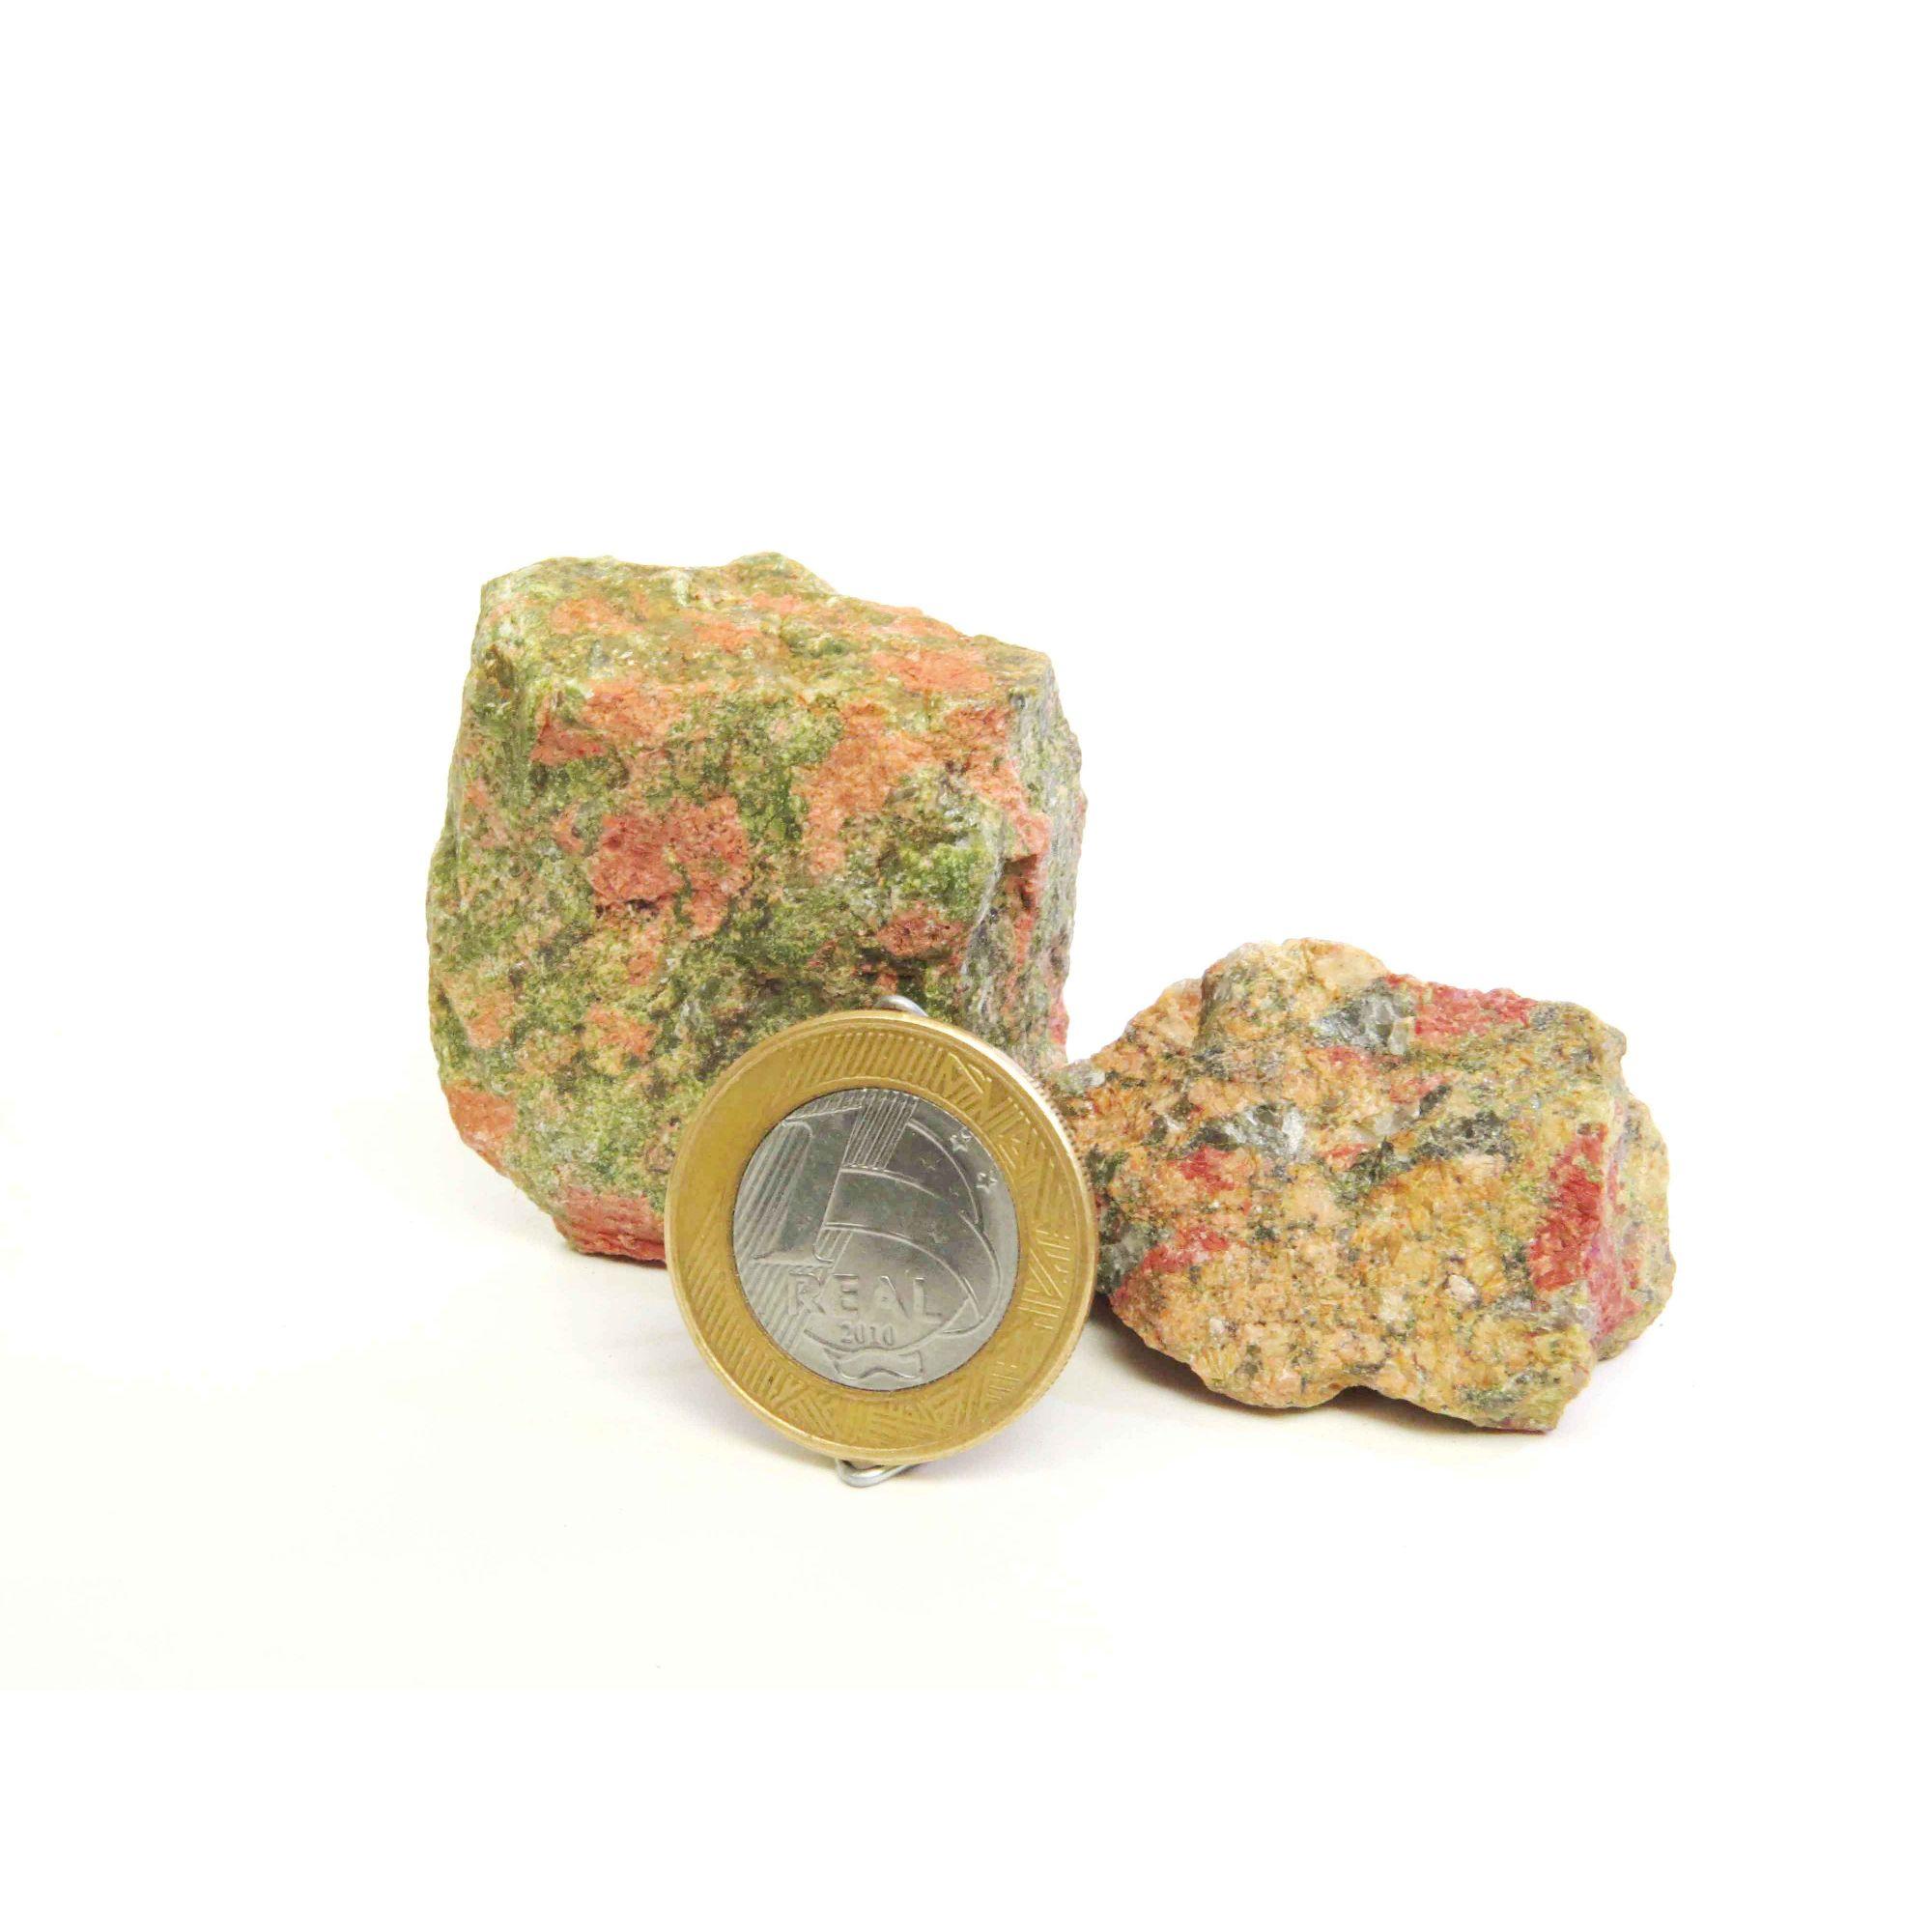 Unakita - Bruto | Pacote com 4 Unidades - 2 a 3 cm